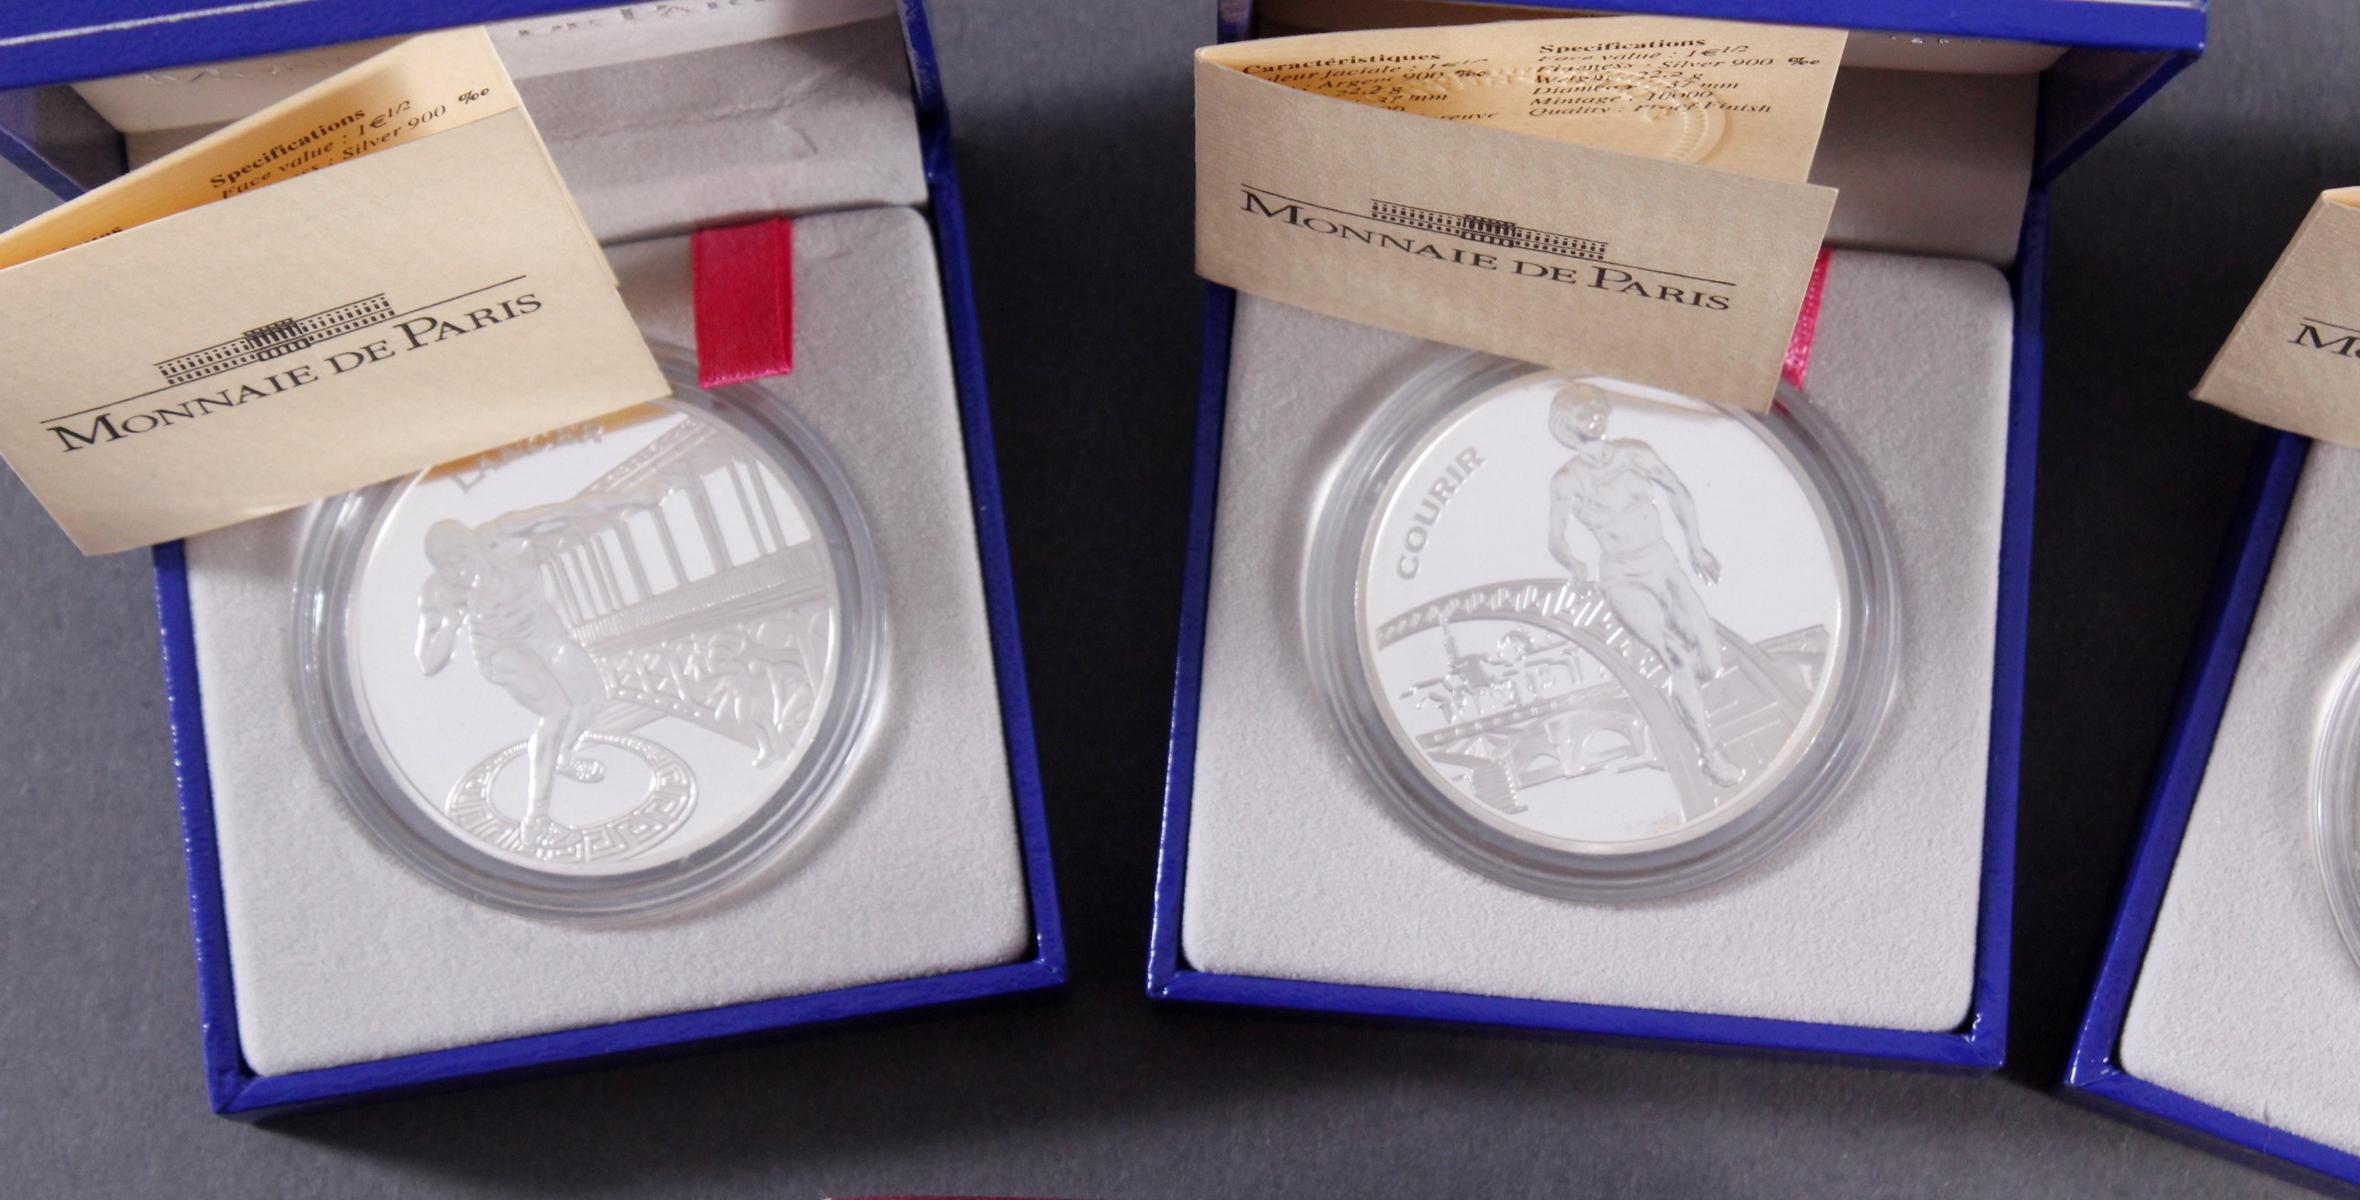 3 Silbermünzen Monnaie de Paris und Olympische Spiele Griechenland 2004-3